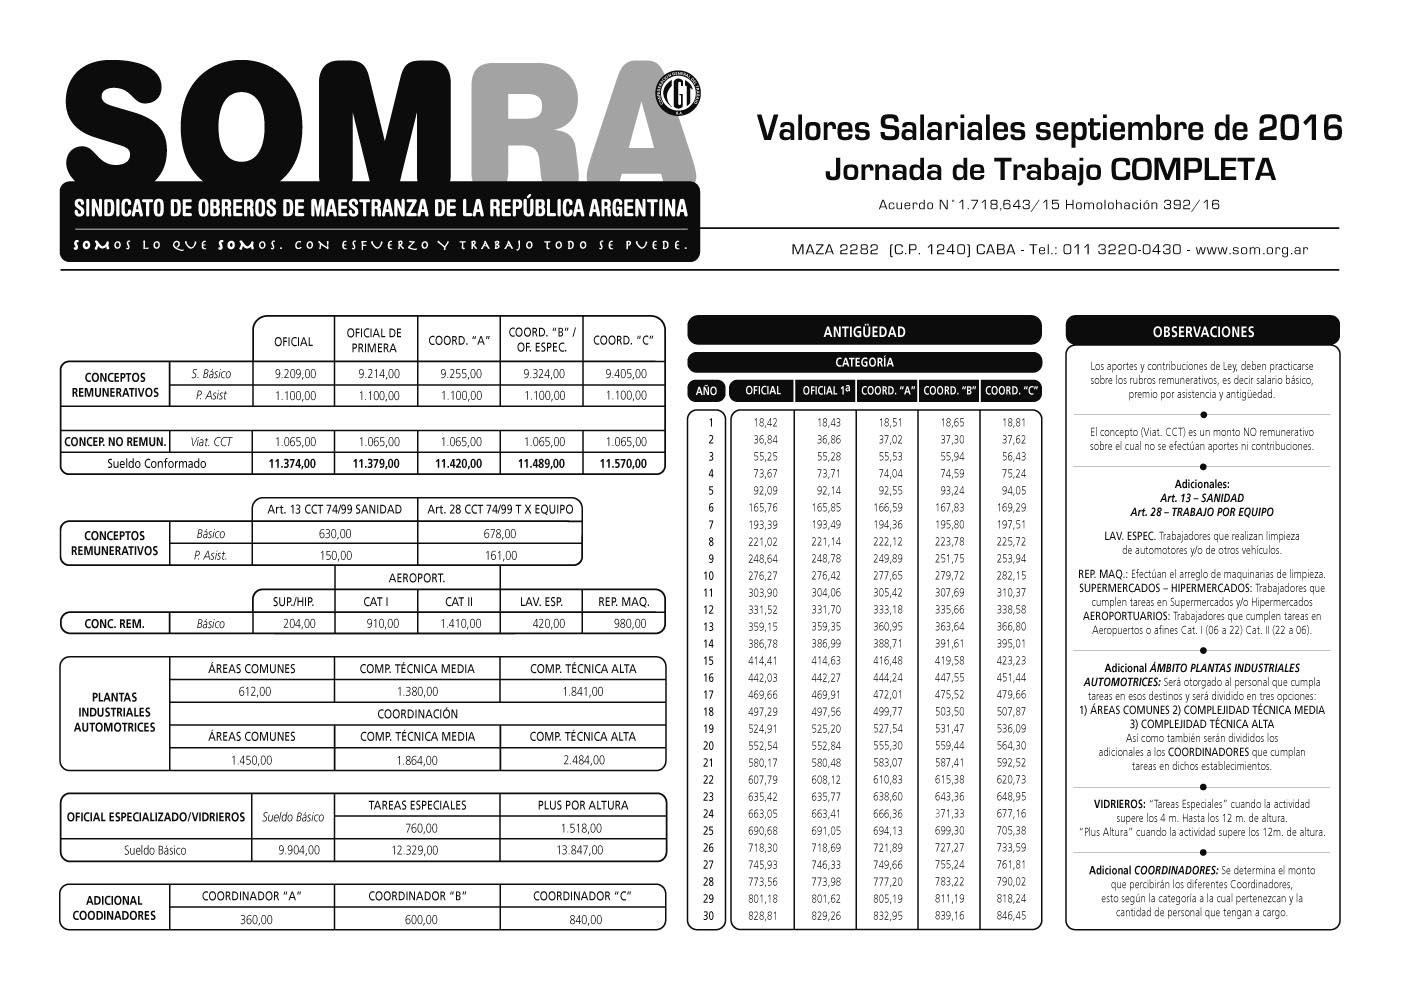 Escala salarial septiembre 2016 jornada completa